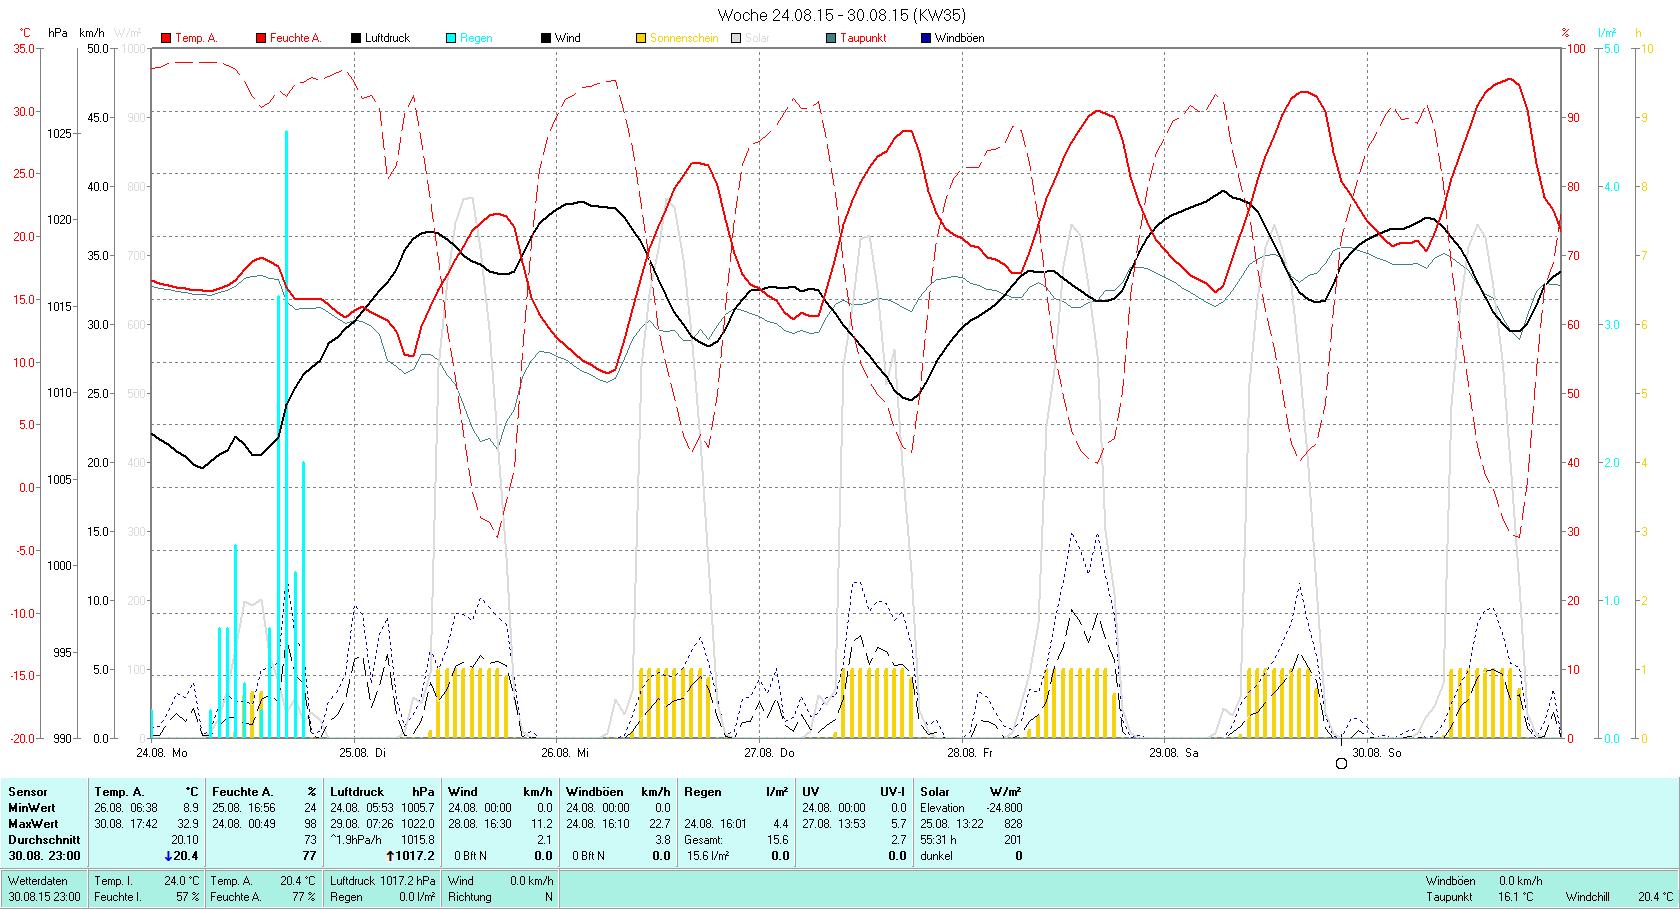 KW 35 Tmin 8.9°C, Tmax 32.9°C, Sonne 62:02h, Niederschlag 15.6mm/2